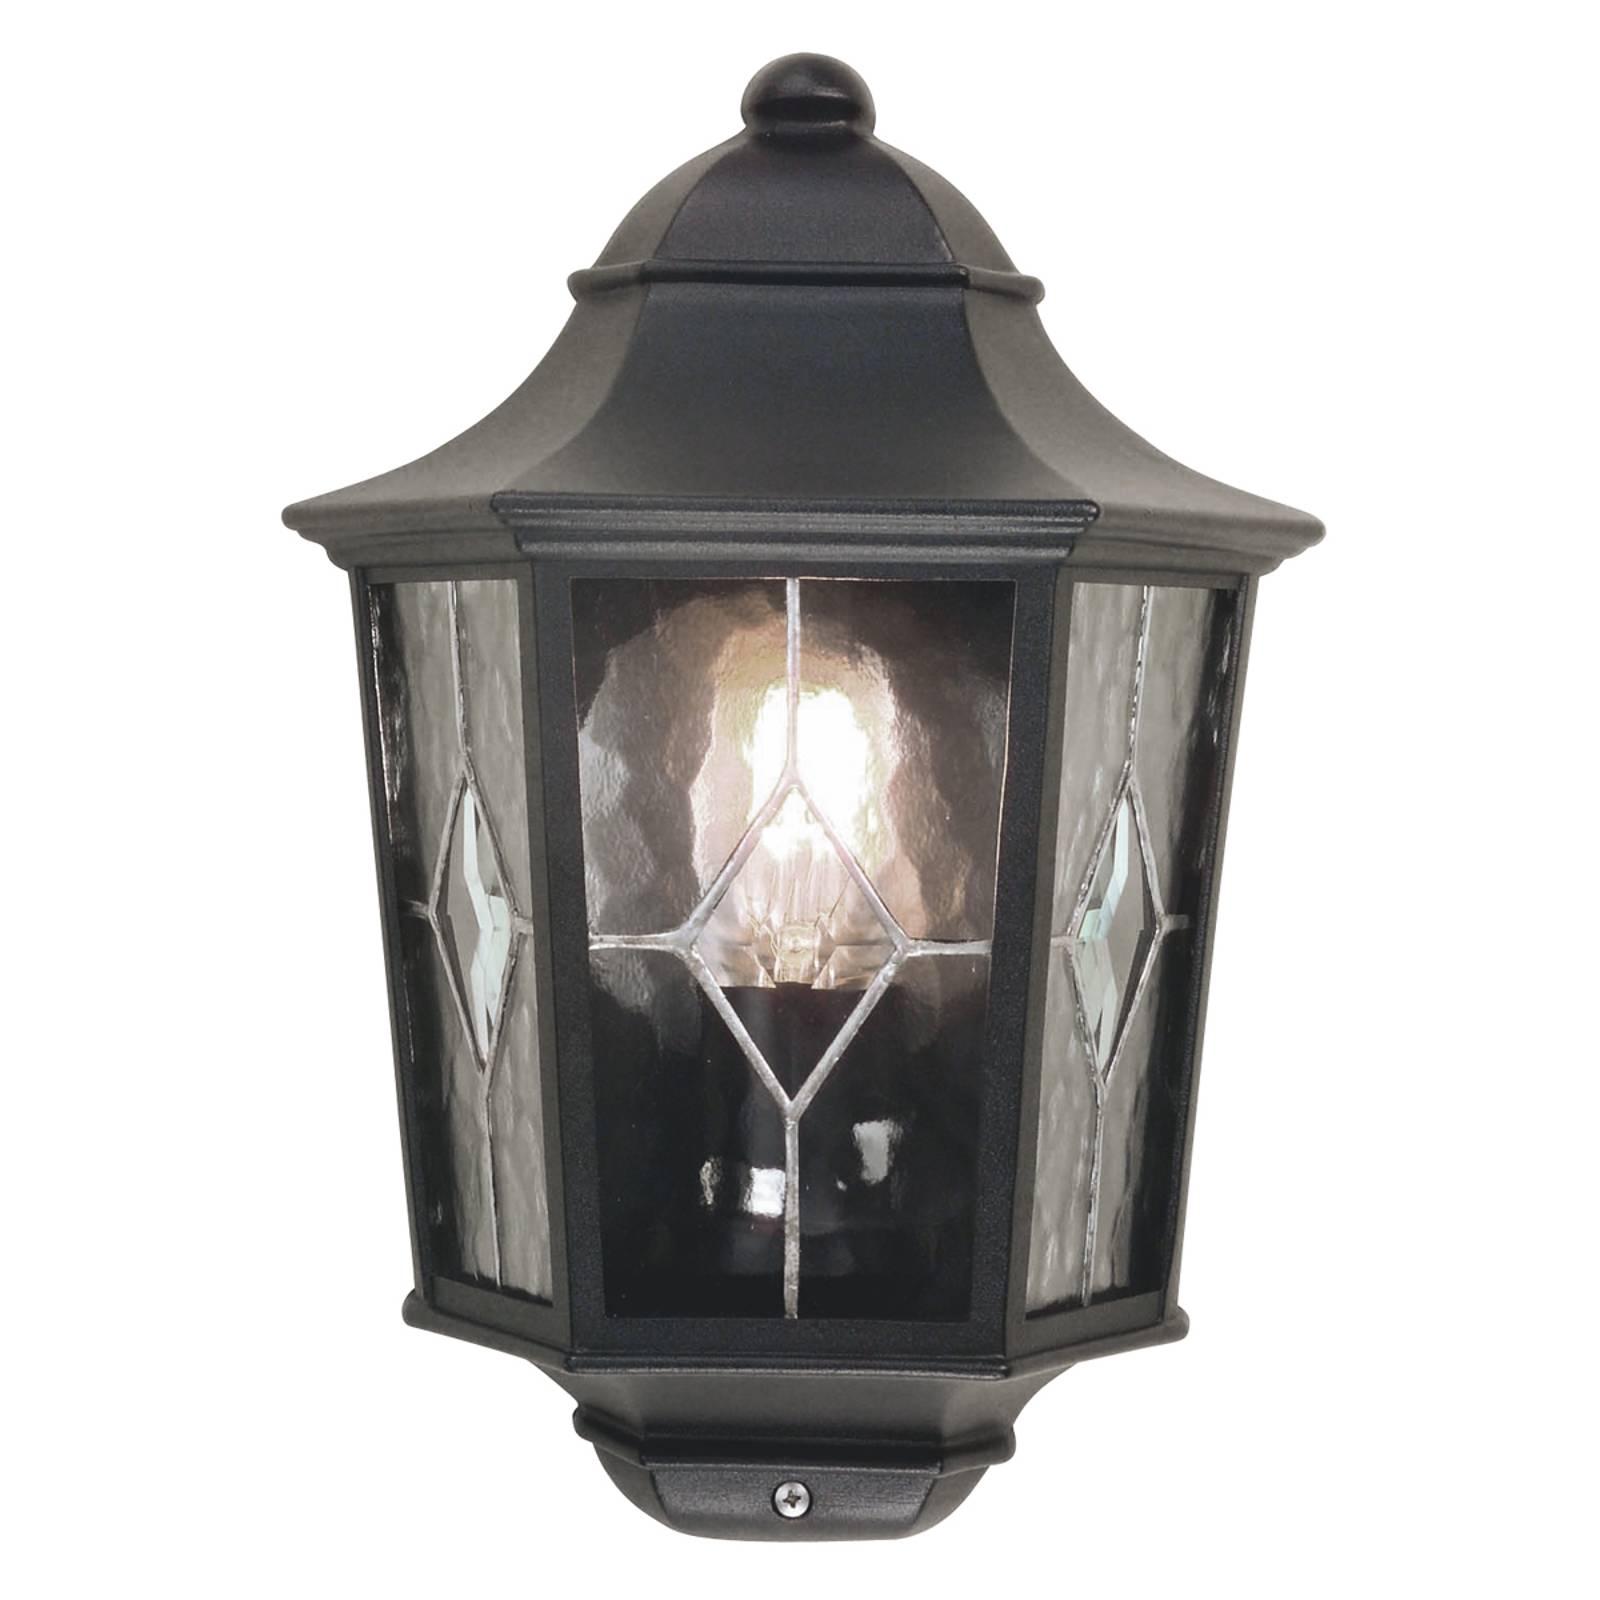 Buitenwandlamp Norfolk met glas in lood